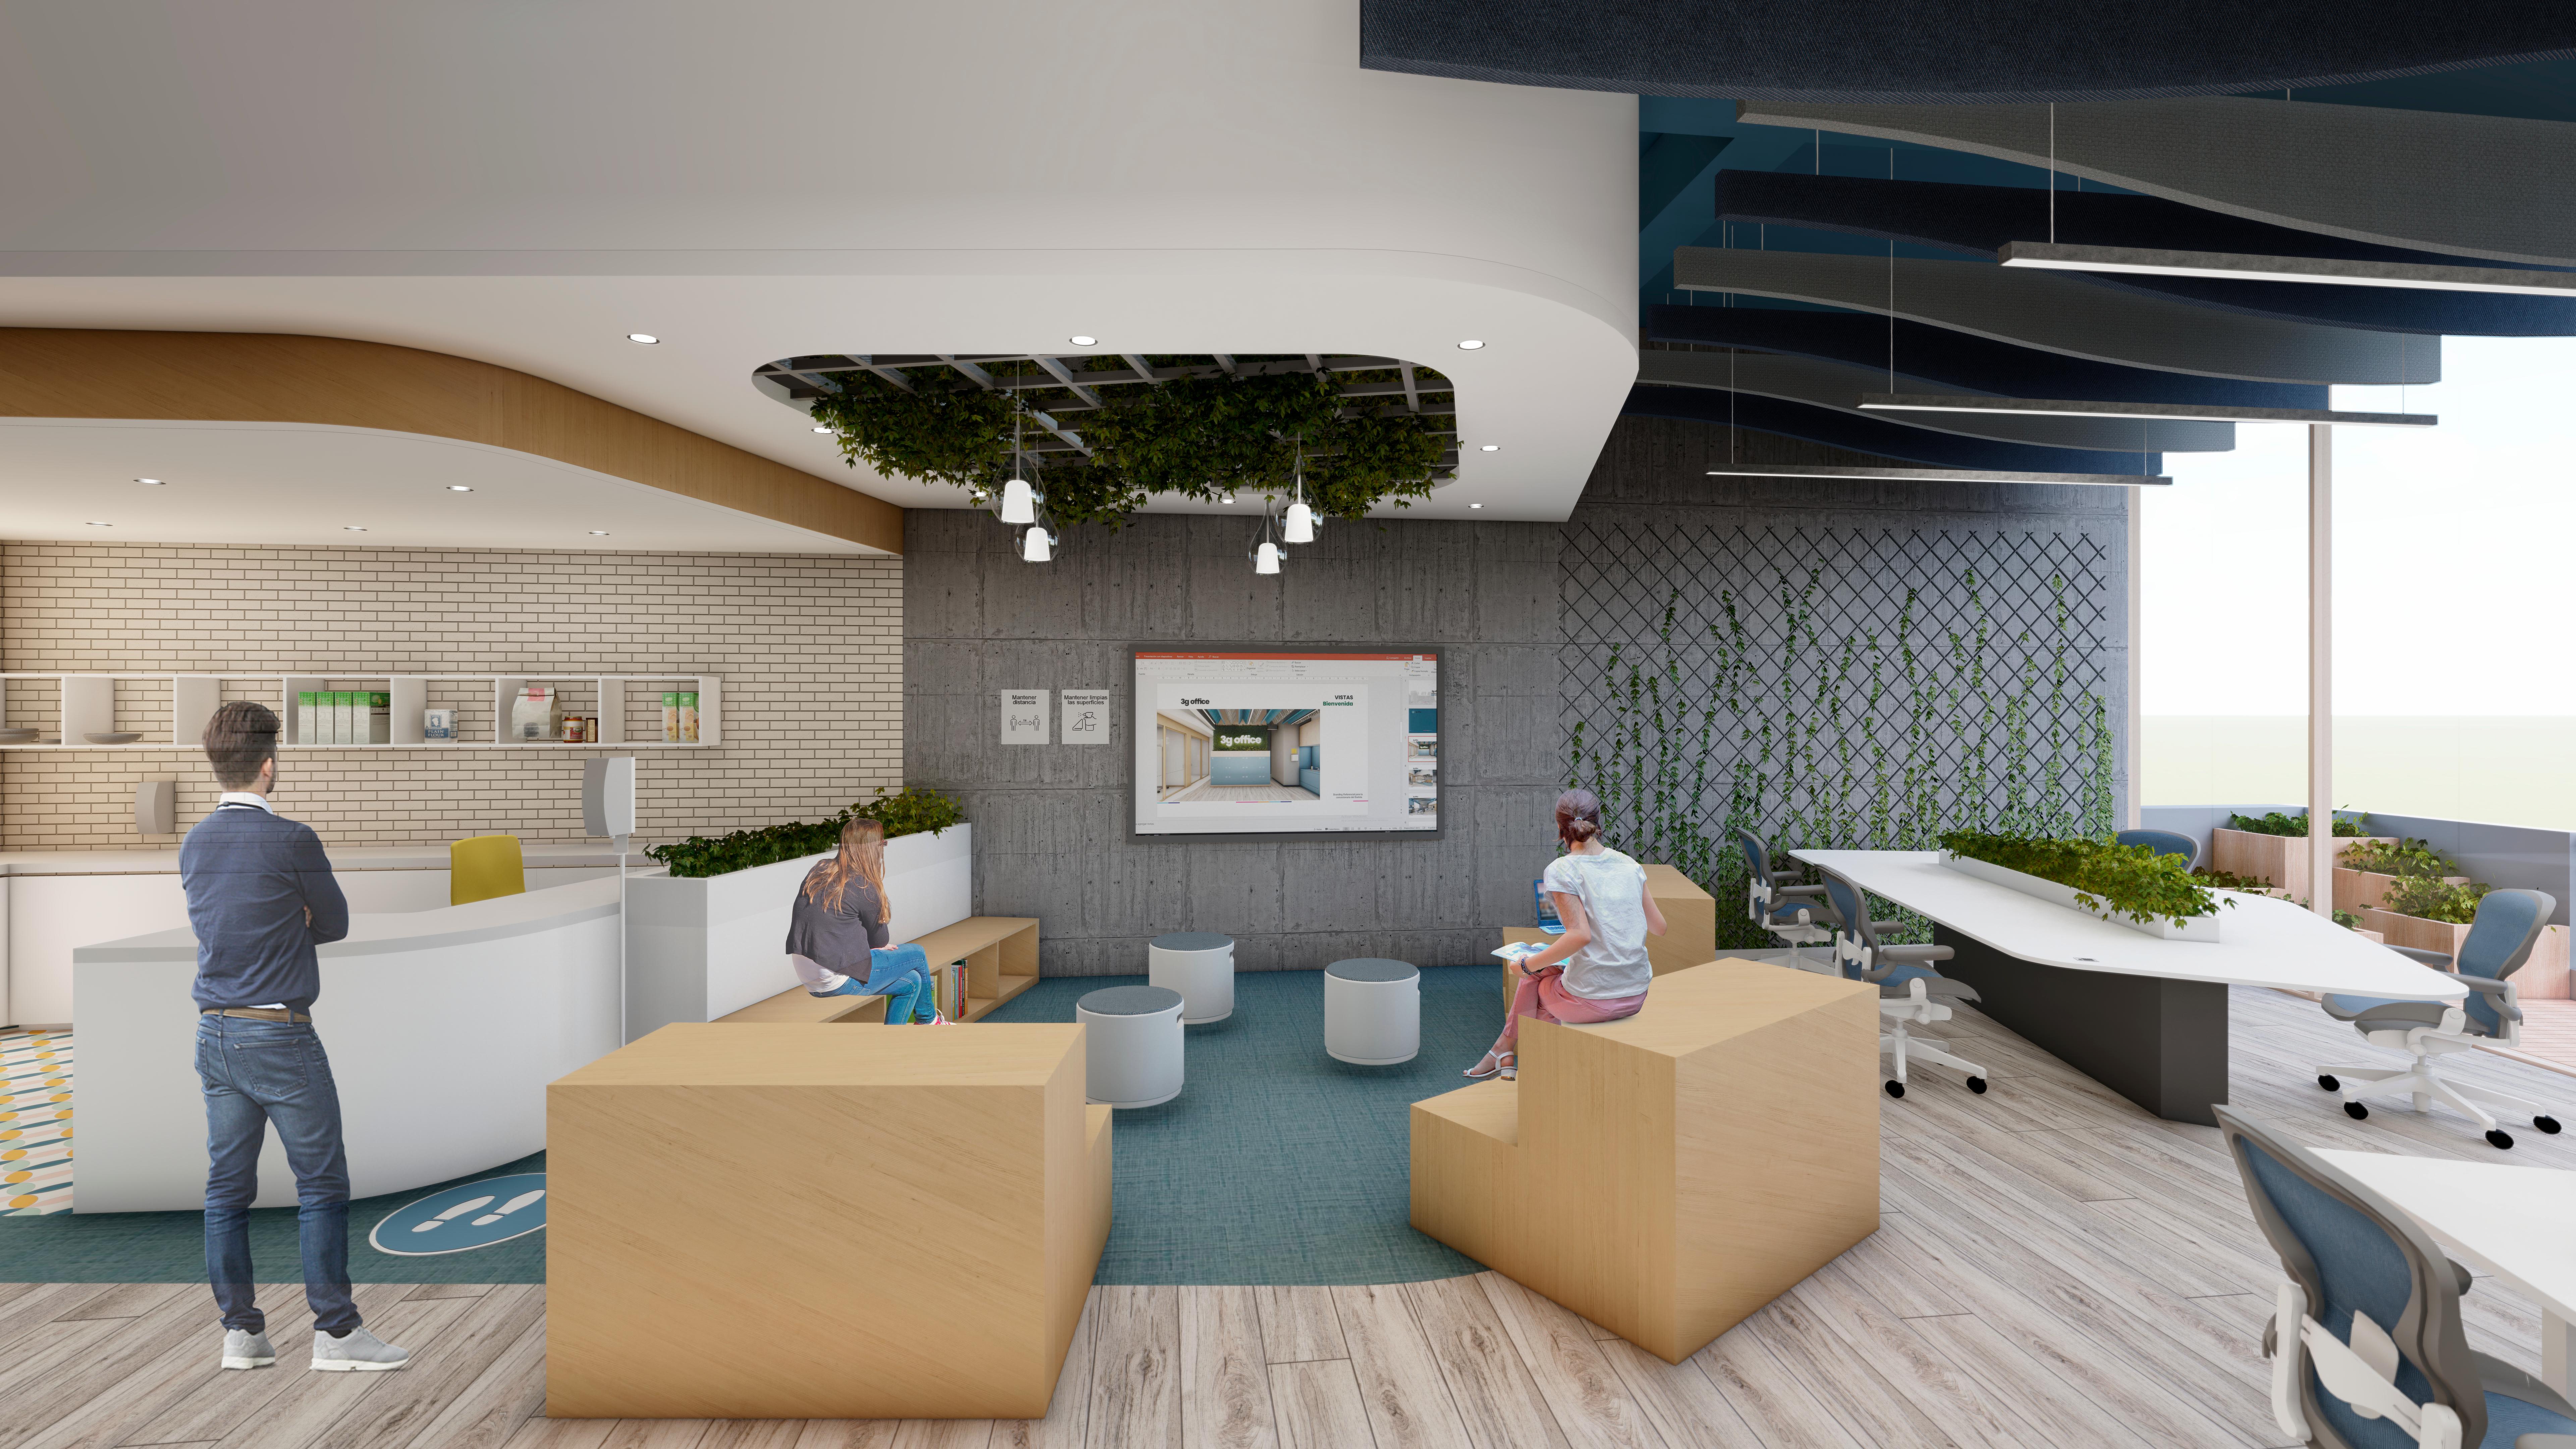 prototipo-peru-3goffice-workplace-concurso